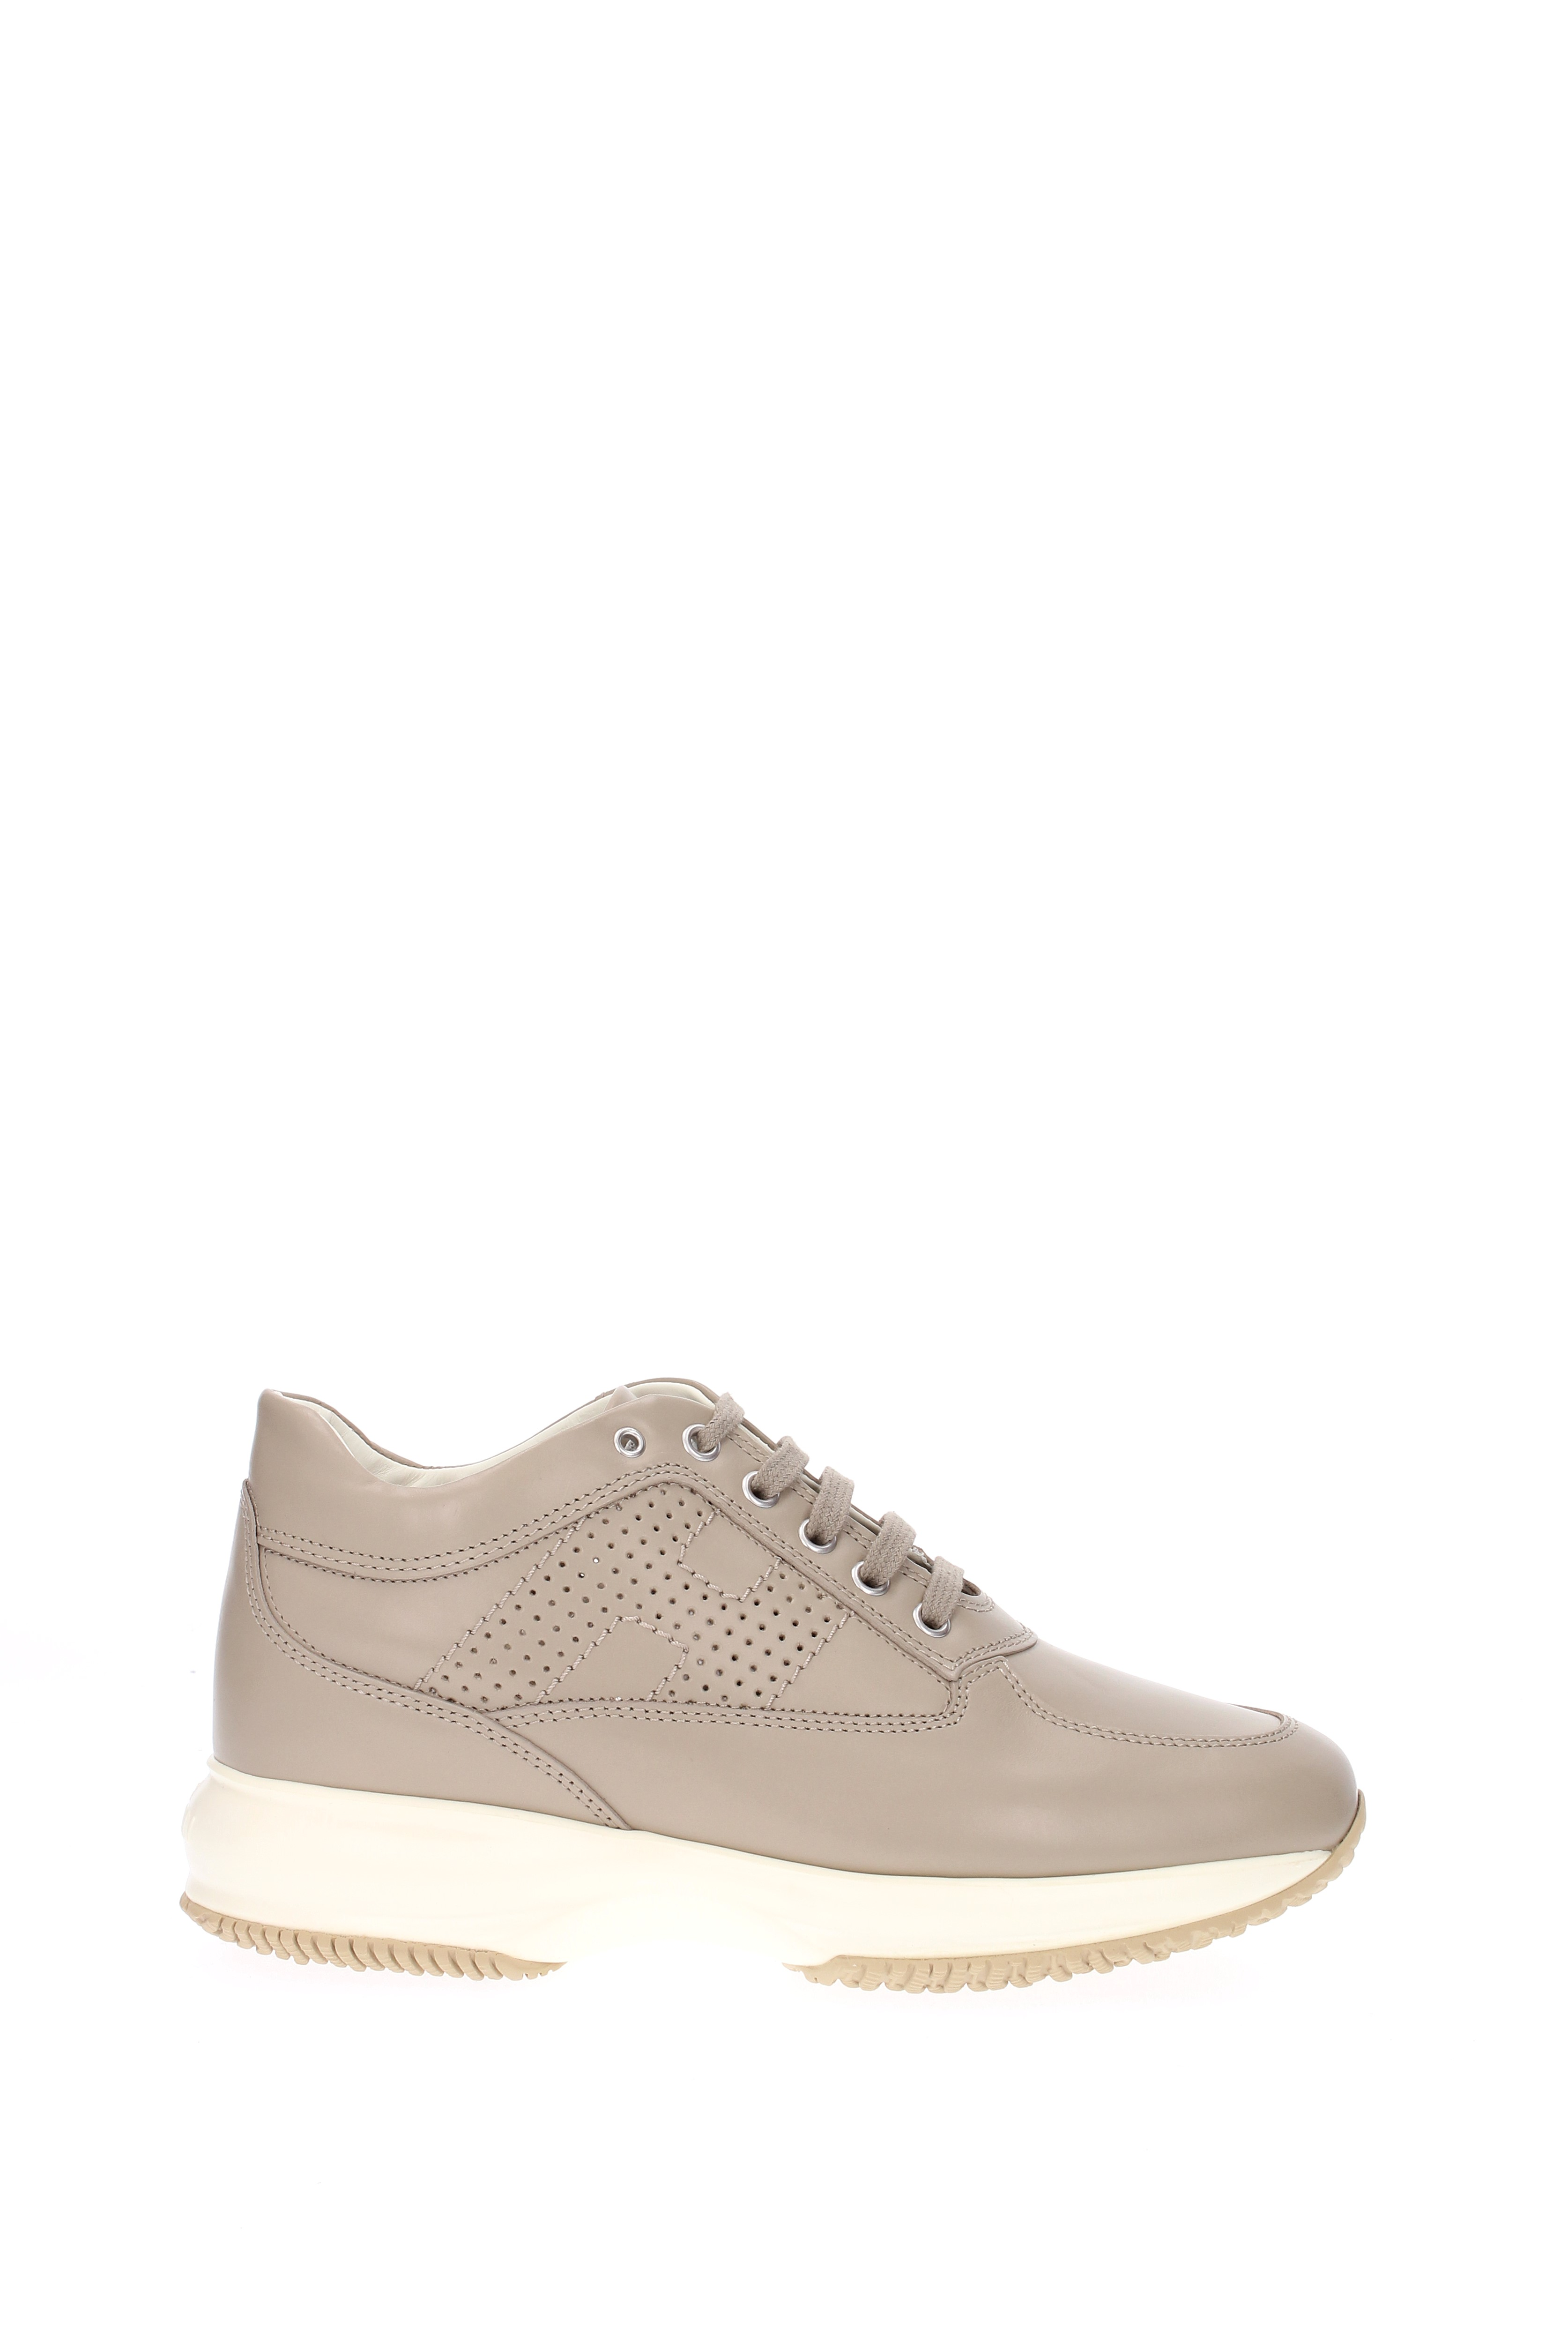 e1b51b580253 ... Nike Nike Nike Men s Jordan DNA LX Shoes Black  White (AO2649 001)  ae0c18 ...